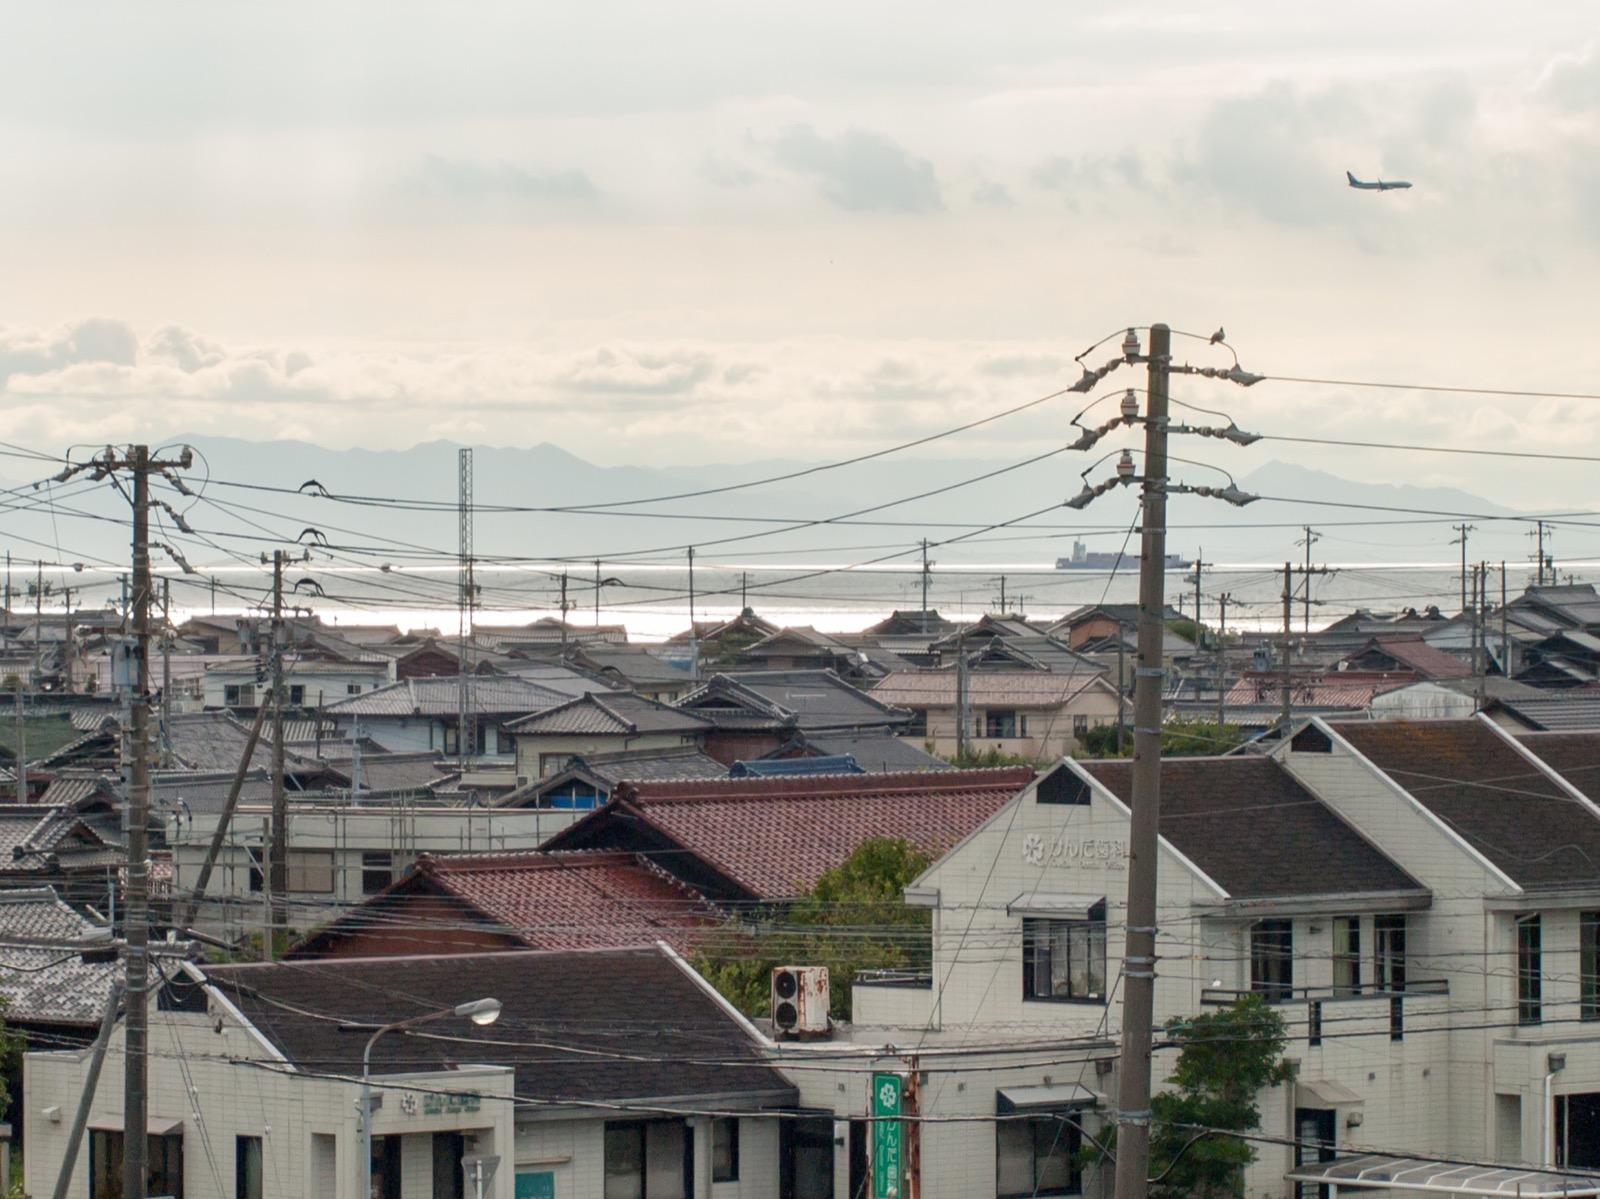 上野間駅から見た伊勢湾と飛行機